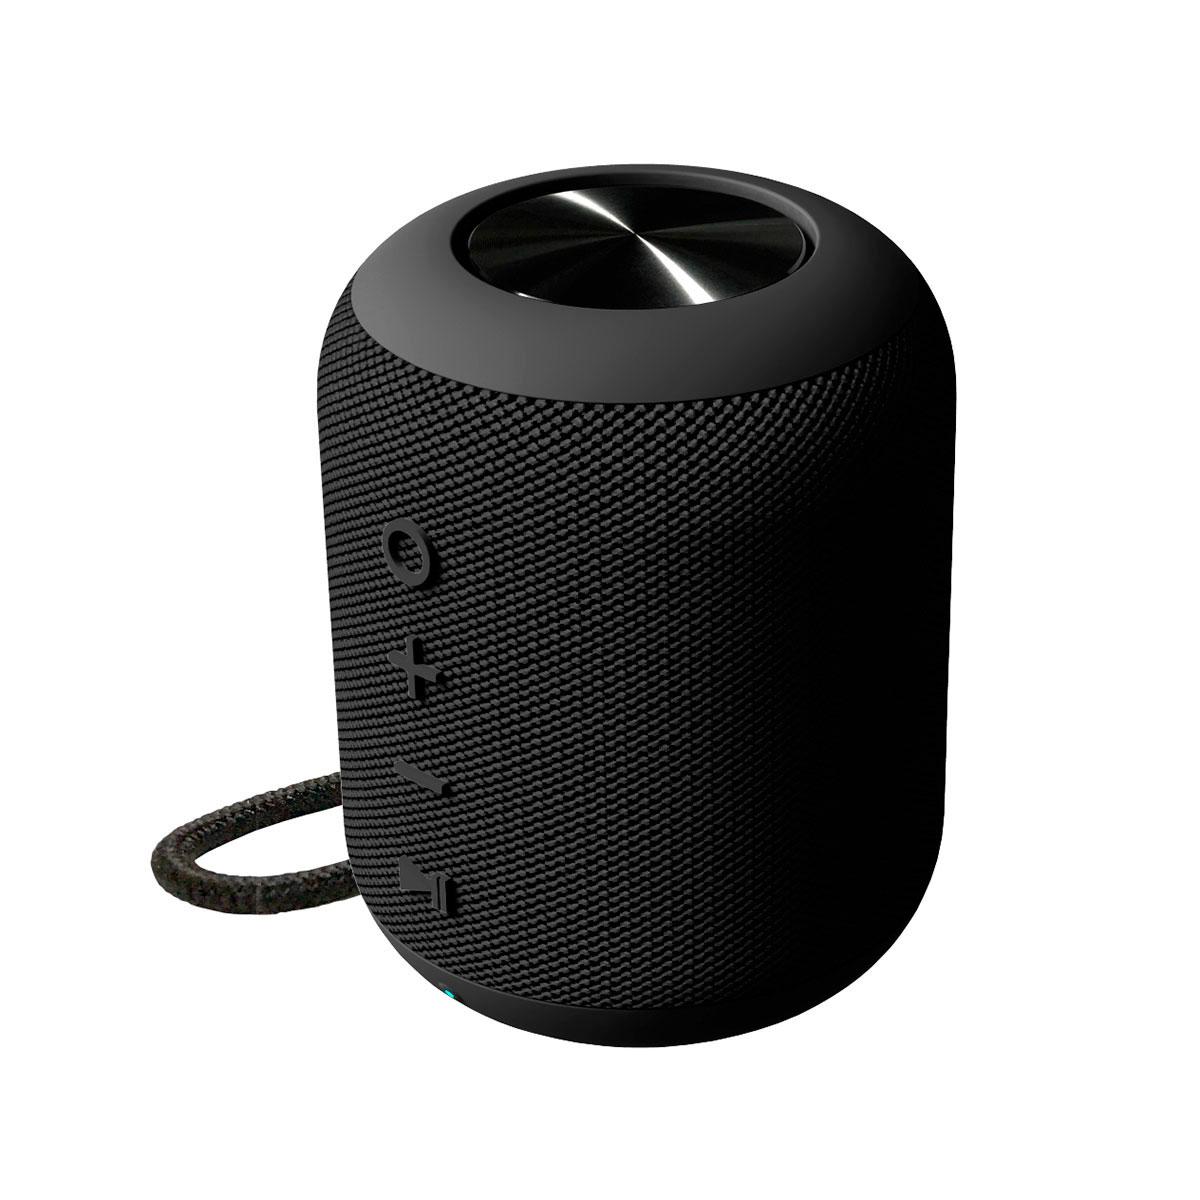 Tidsmæssigt Bluetooth højttaler vandtæt silo (2x5W) Sort - Platinet Peak UV-35